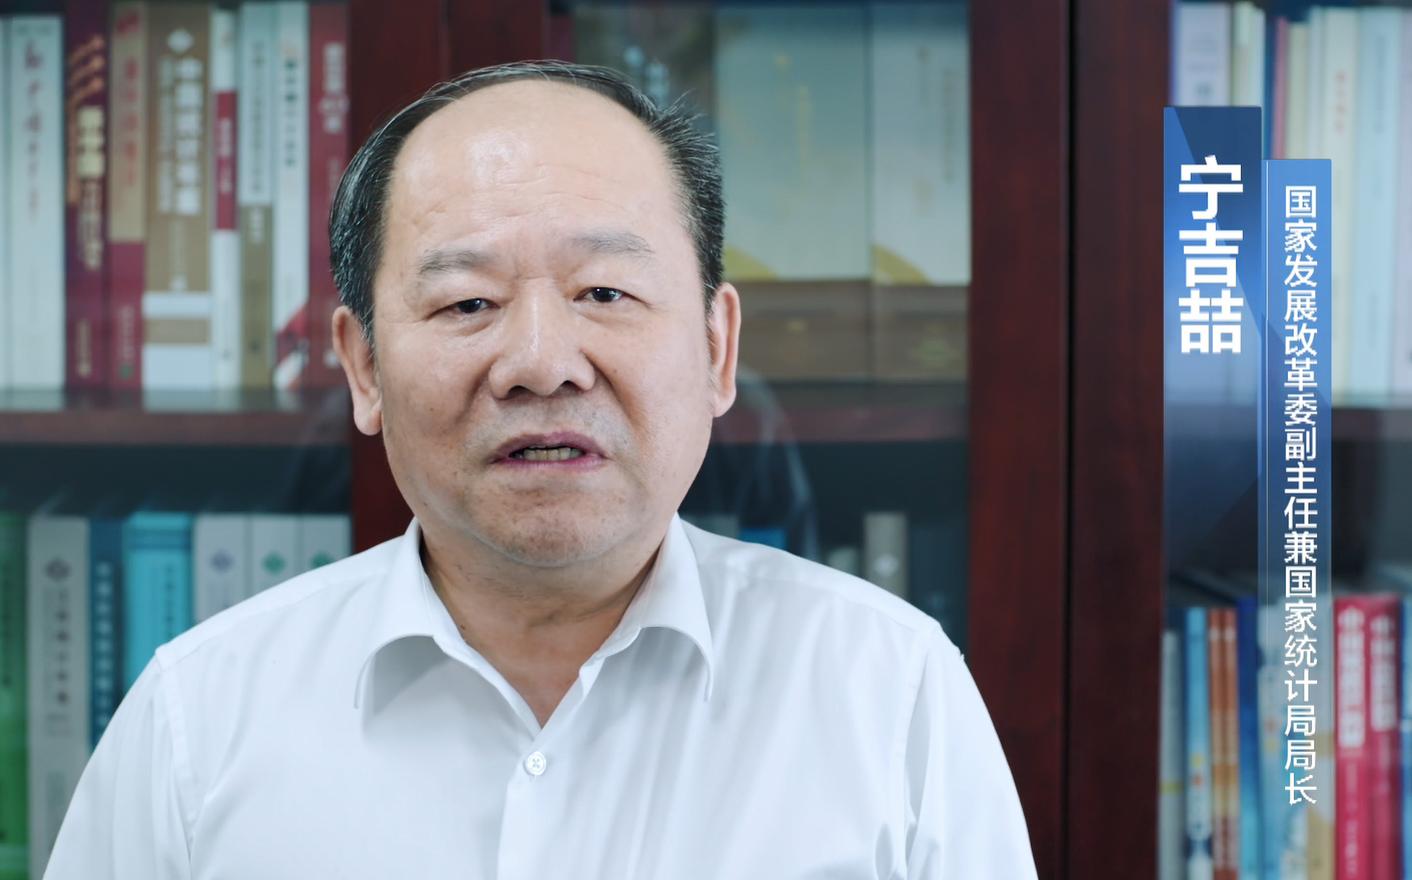 宁吉喆谈经济普查